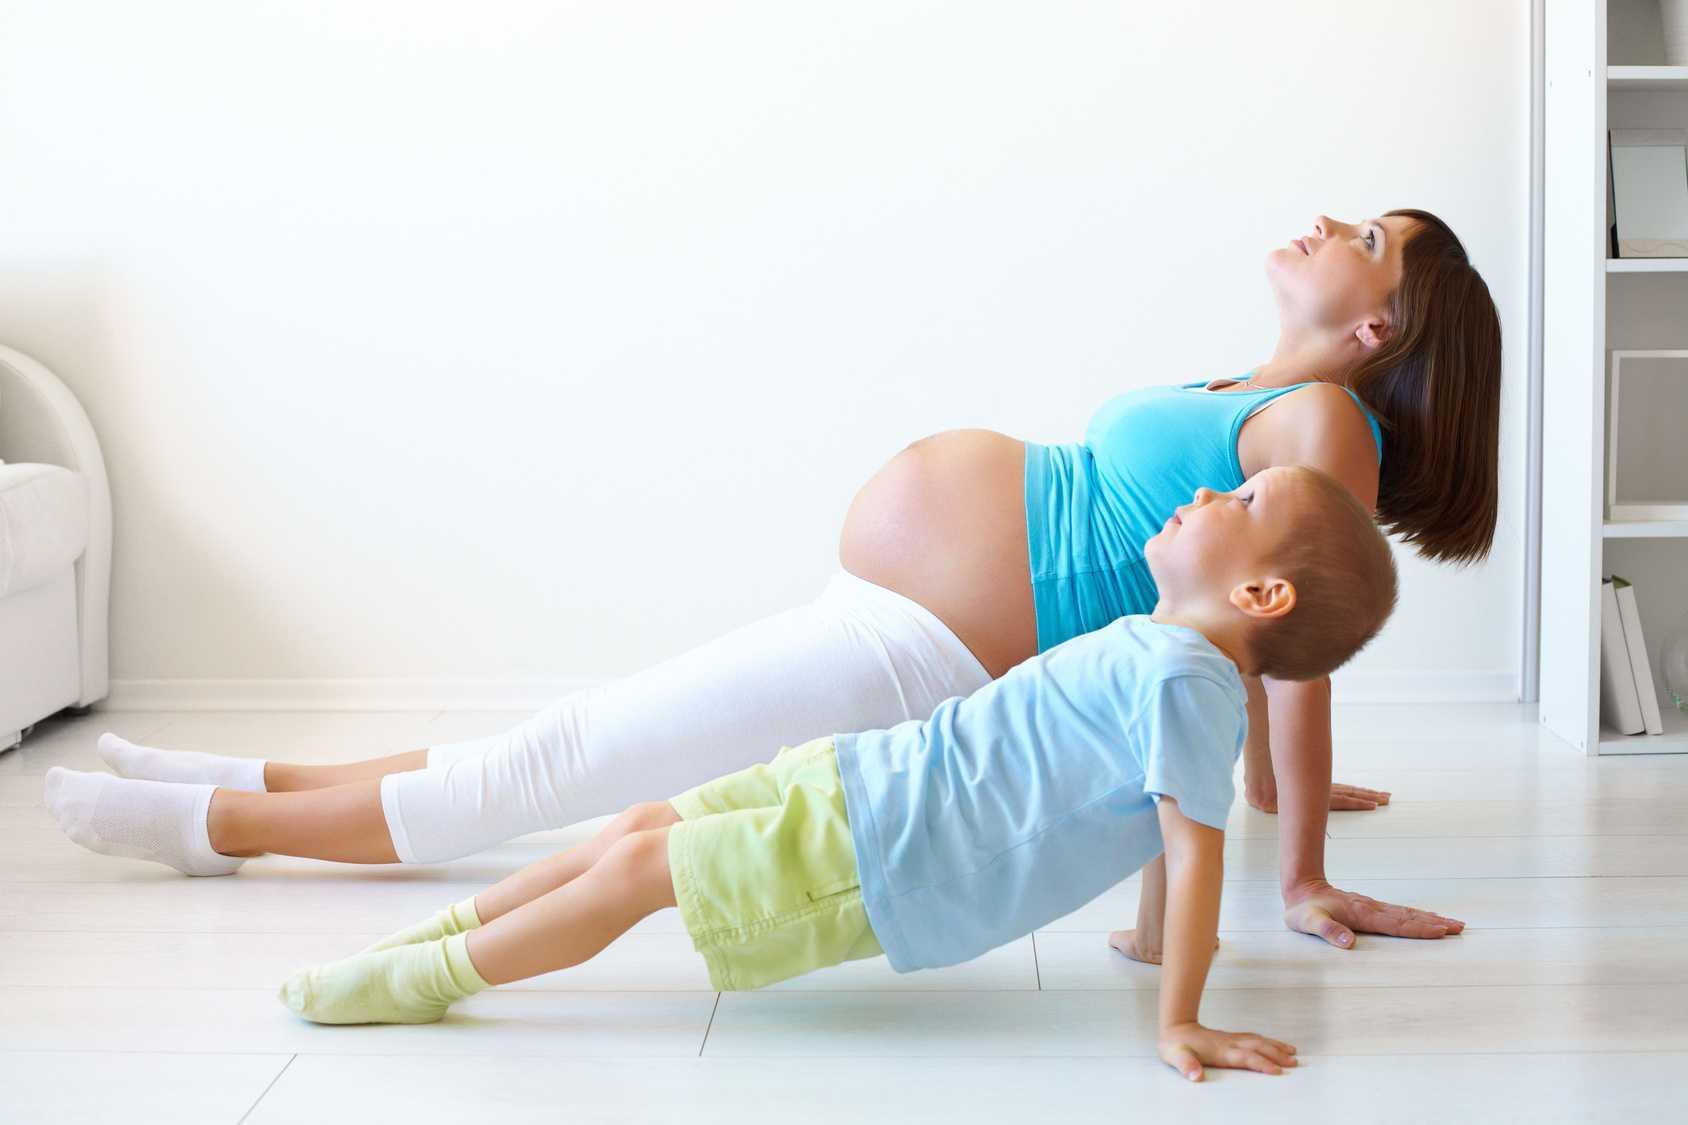 Фитнес для беременных по триместрам - занятия гимнастикой, физическая нагрузка и упражнения